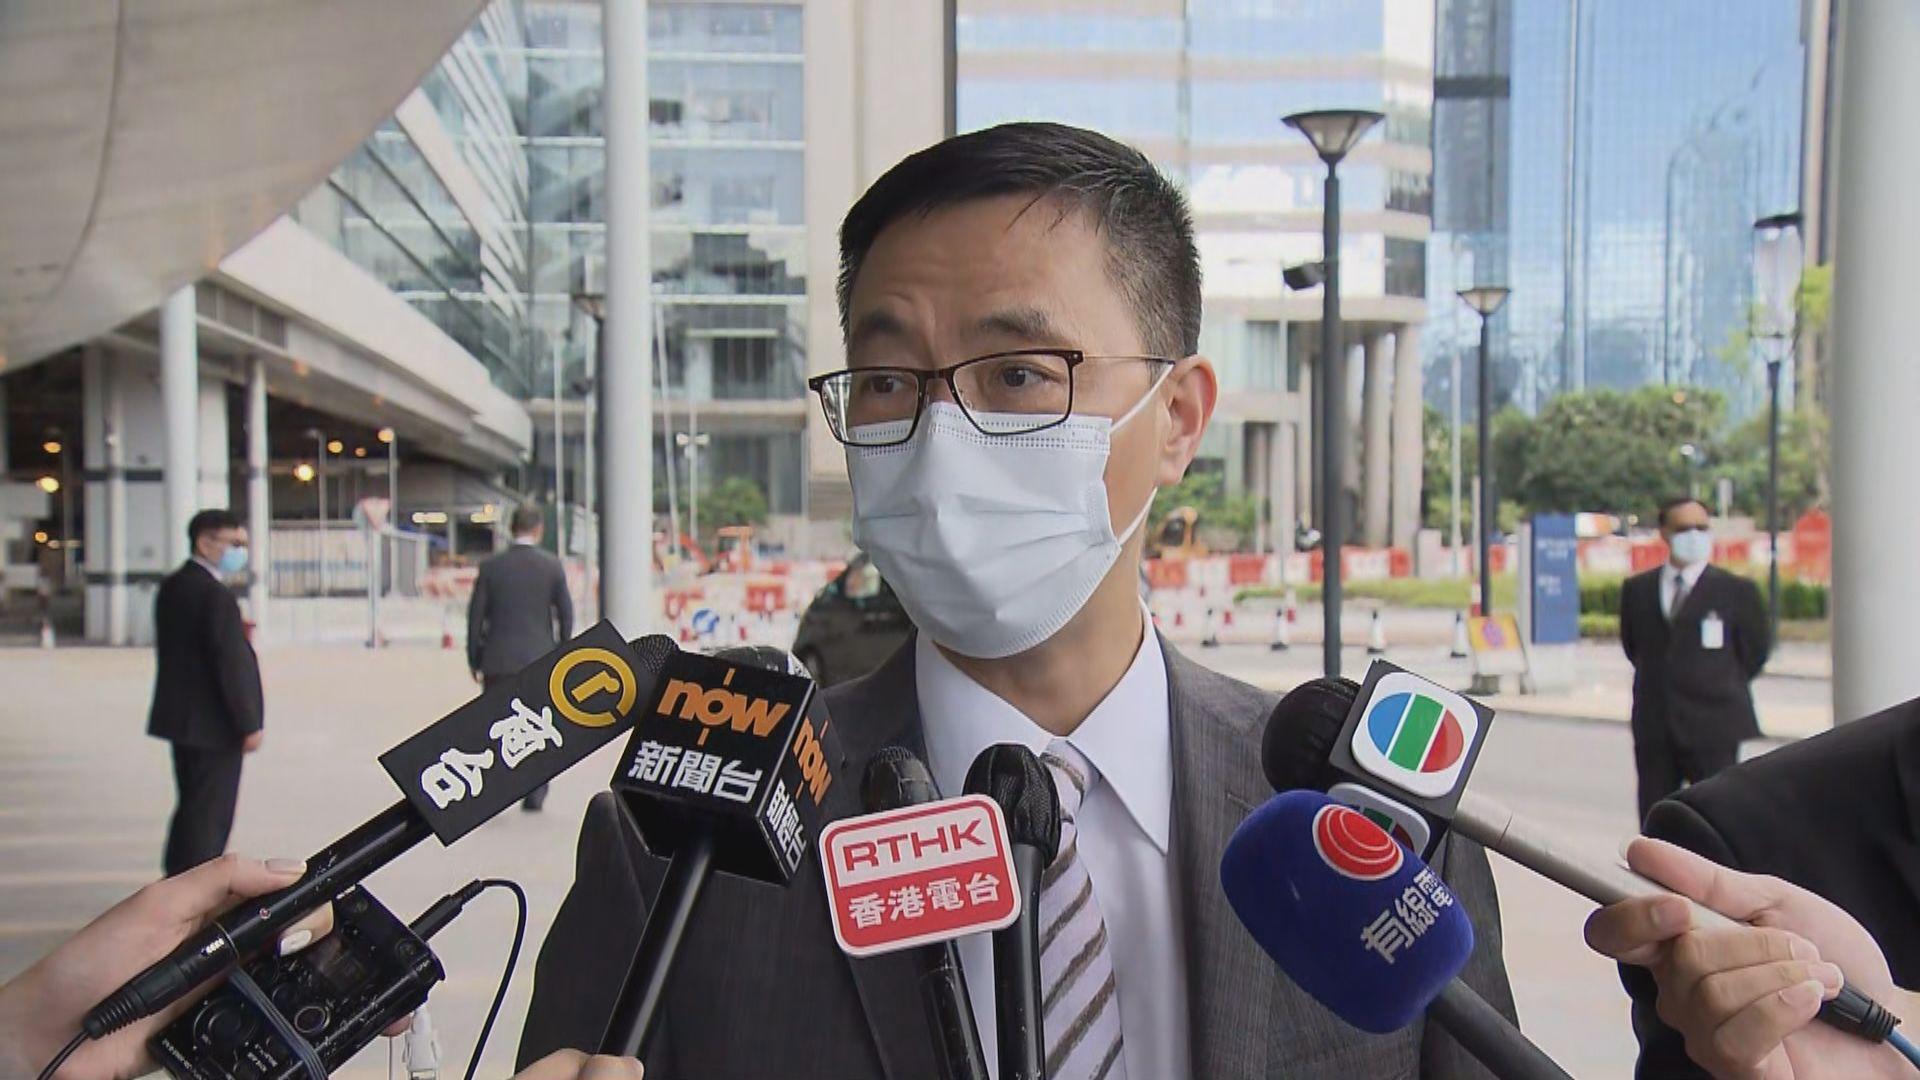 楊潤雄:學校應遵從防護中心指示勿舉辦謝師宴